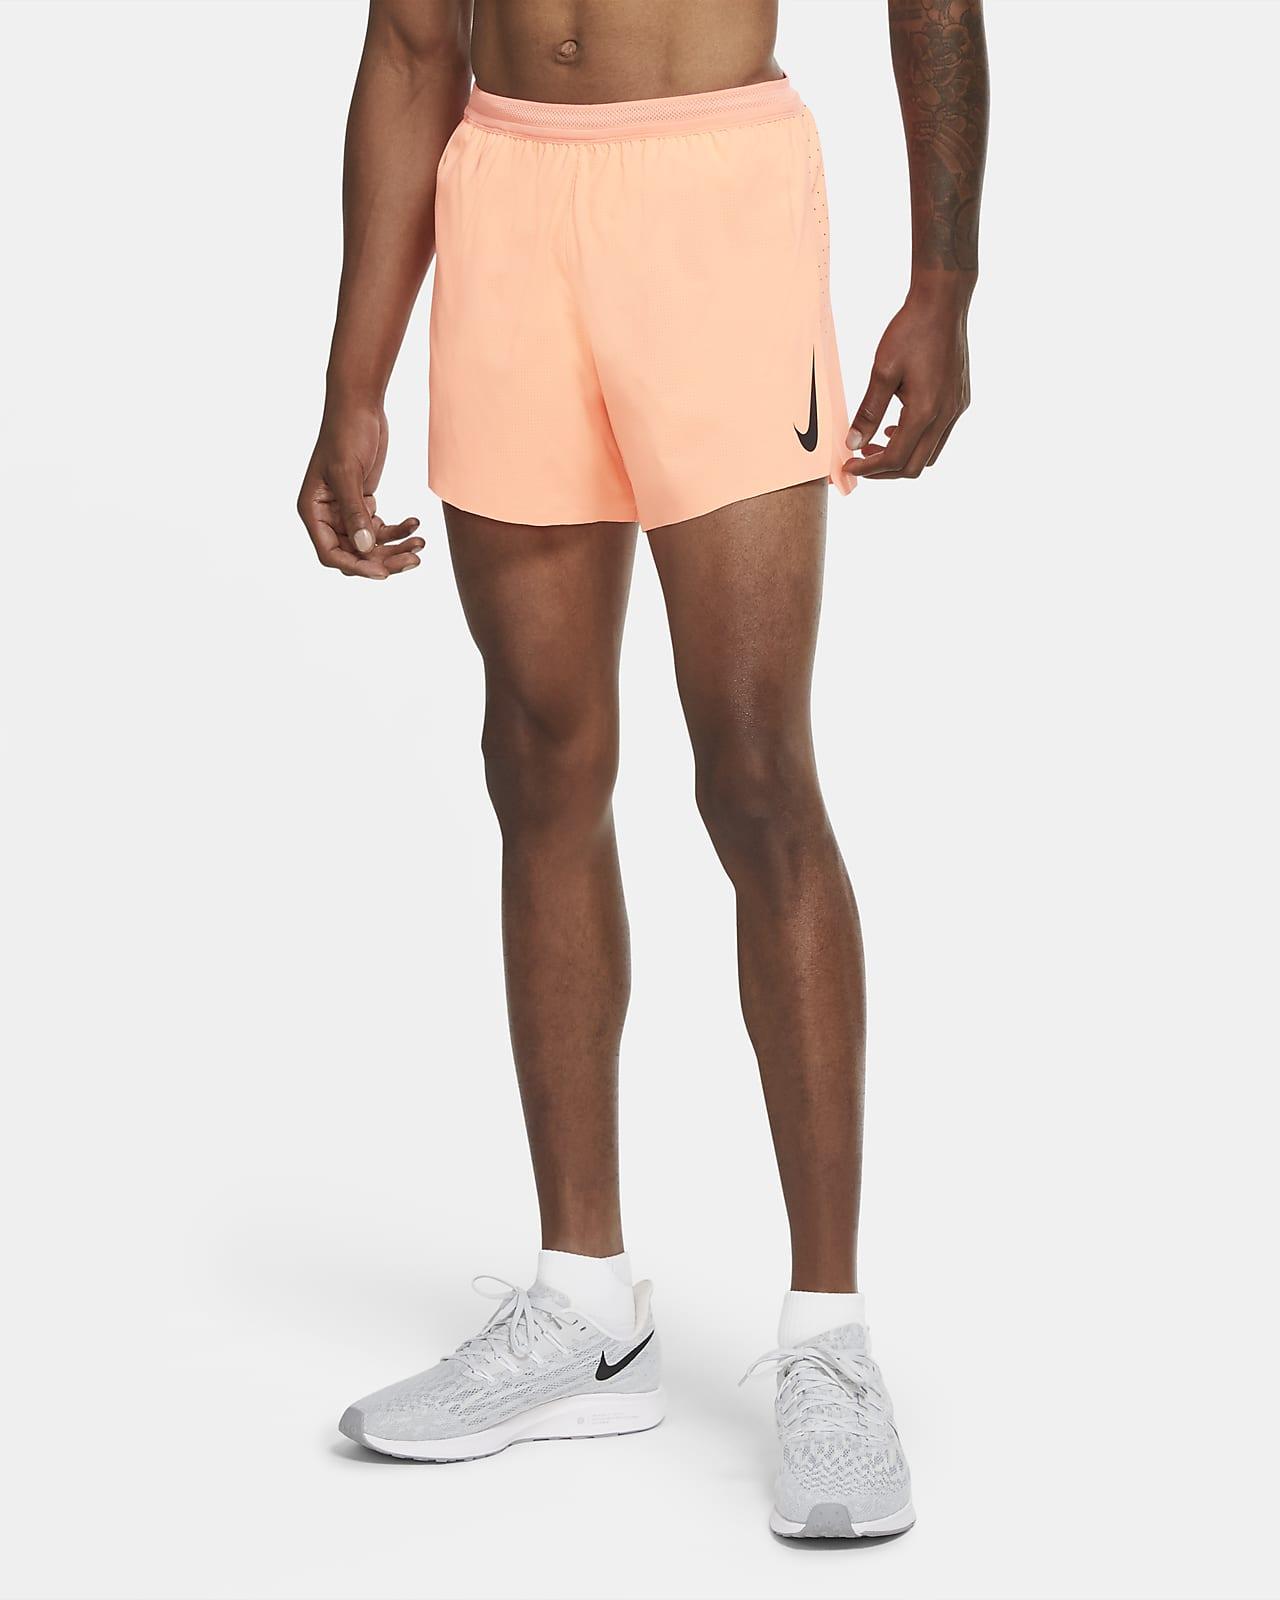 Мужские беговые шорты Nike AeroSwift 10 см